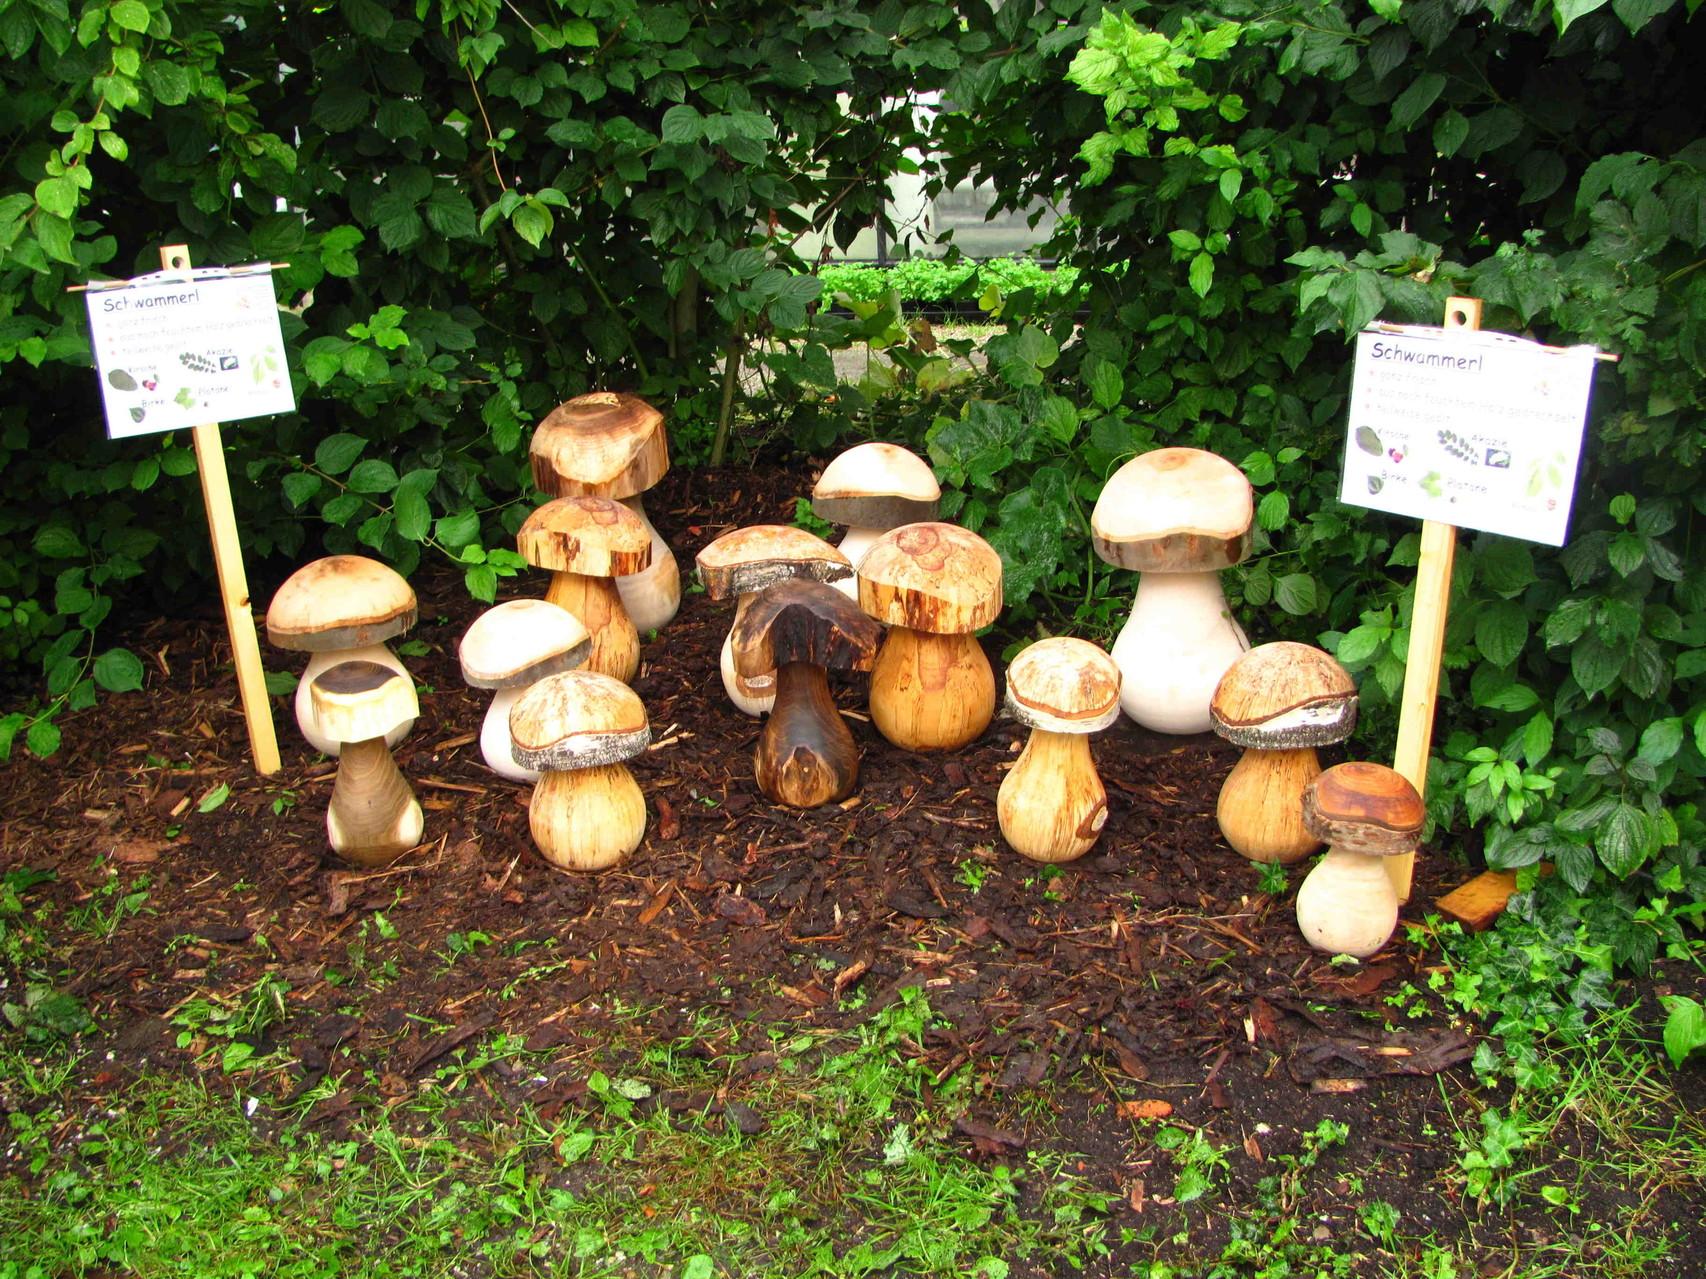 Auswahl an Pilzen beim Ökomarkt in Straubing im Jahr 2012